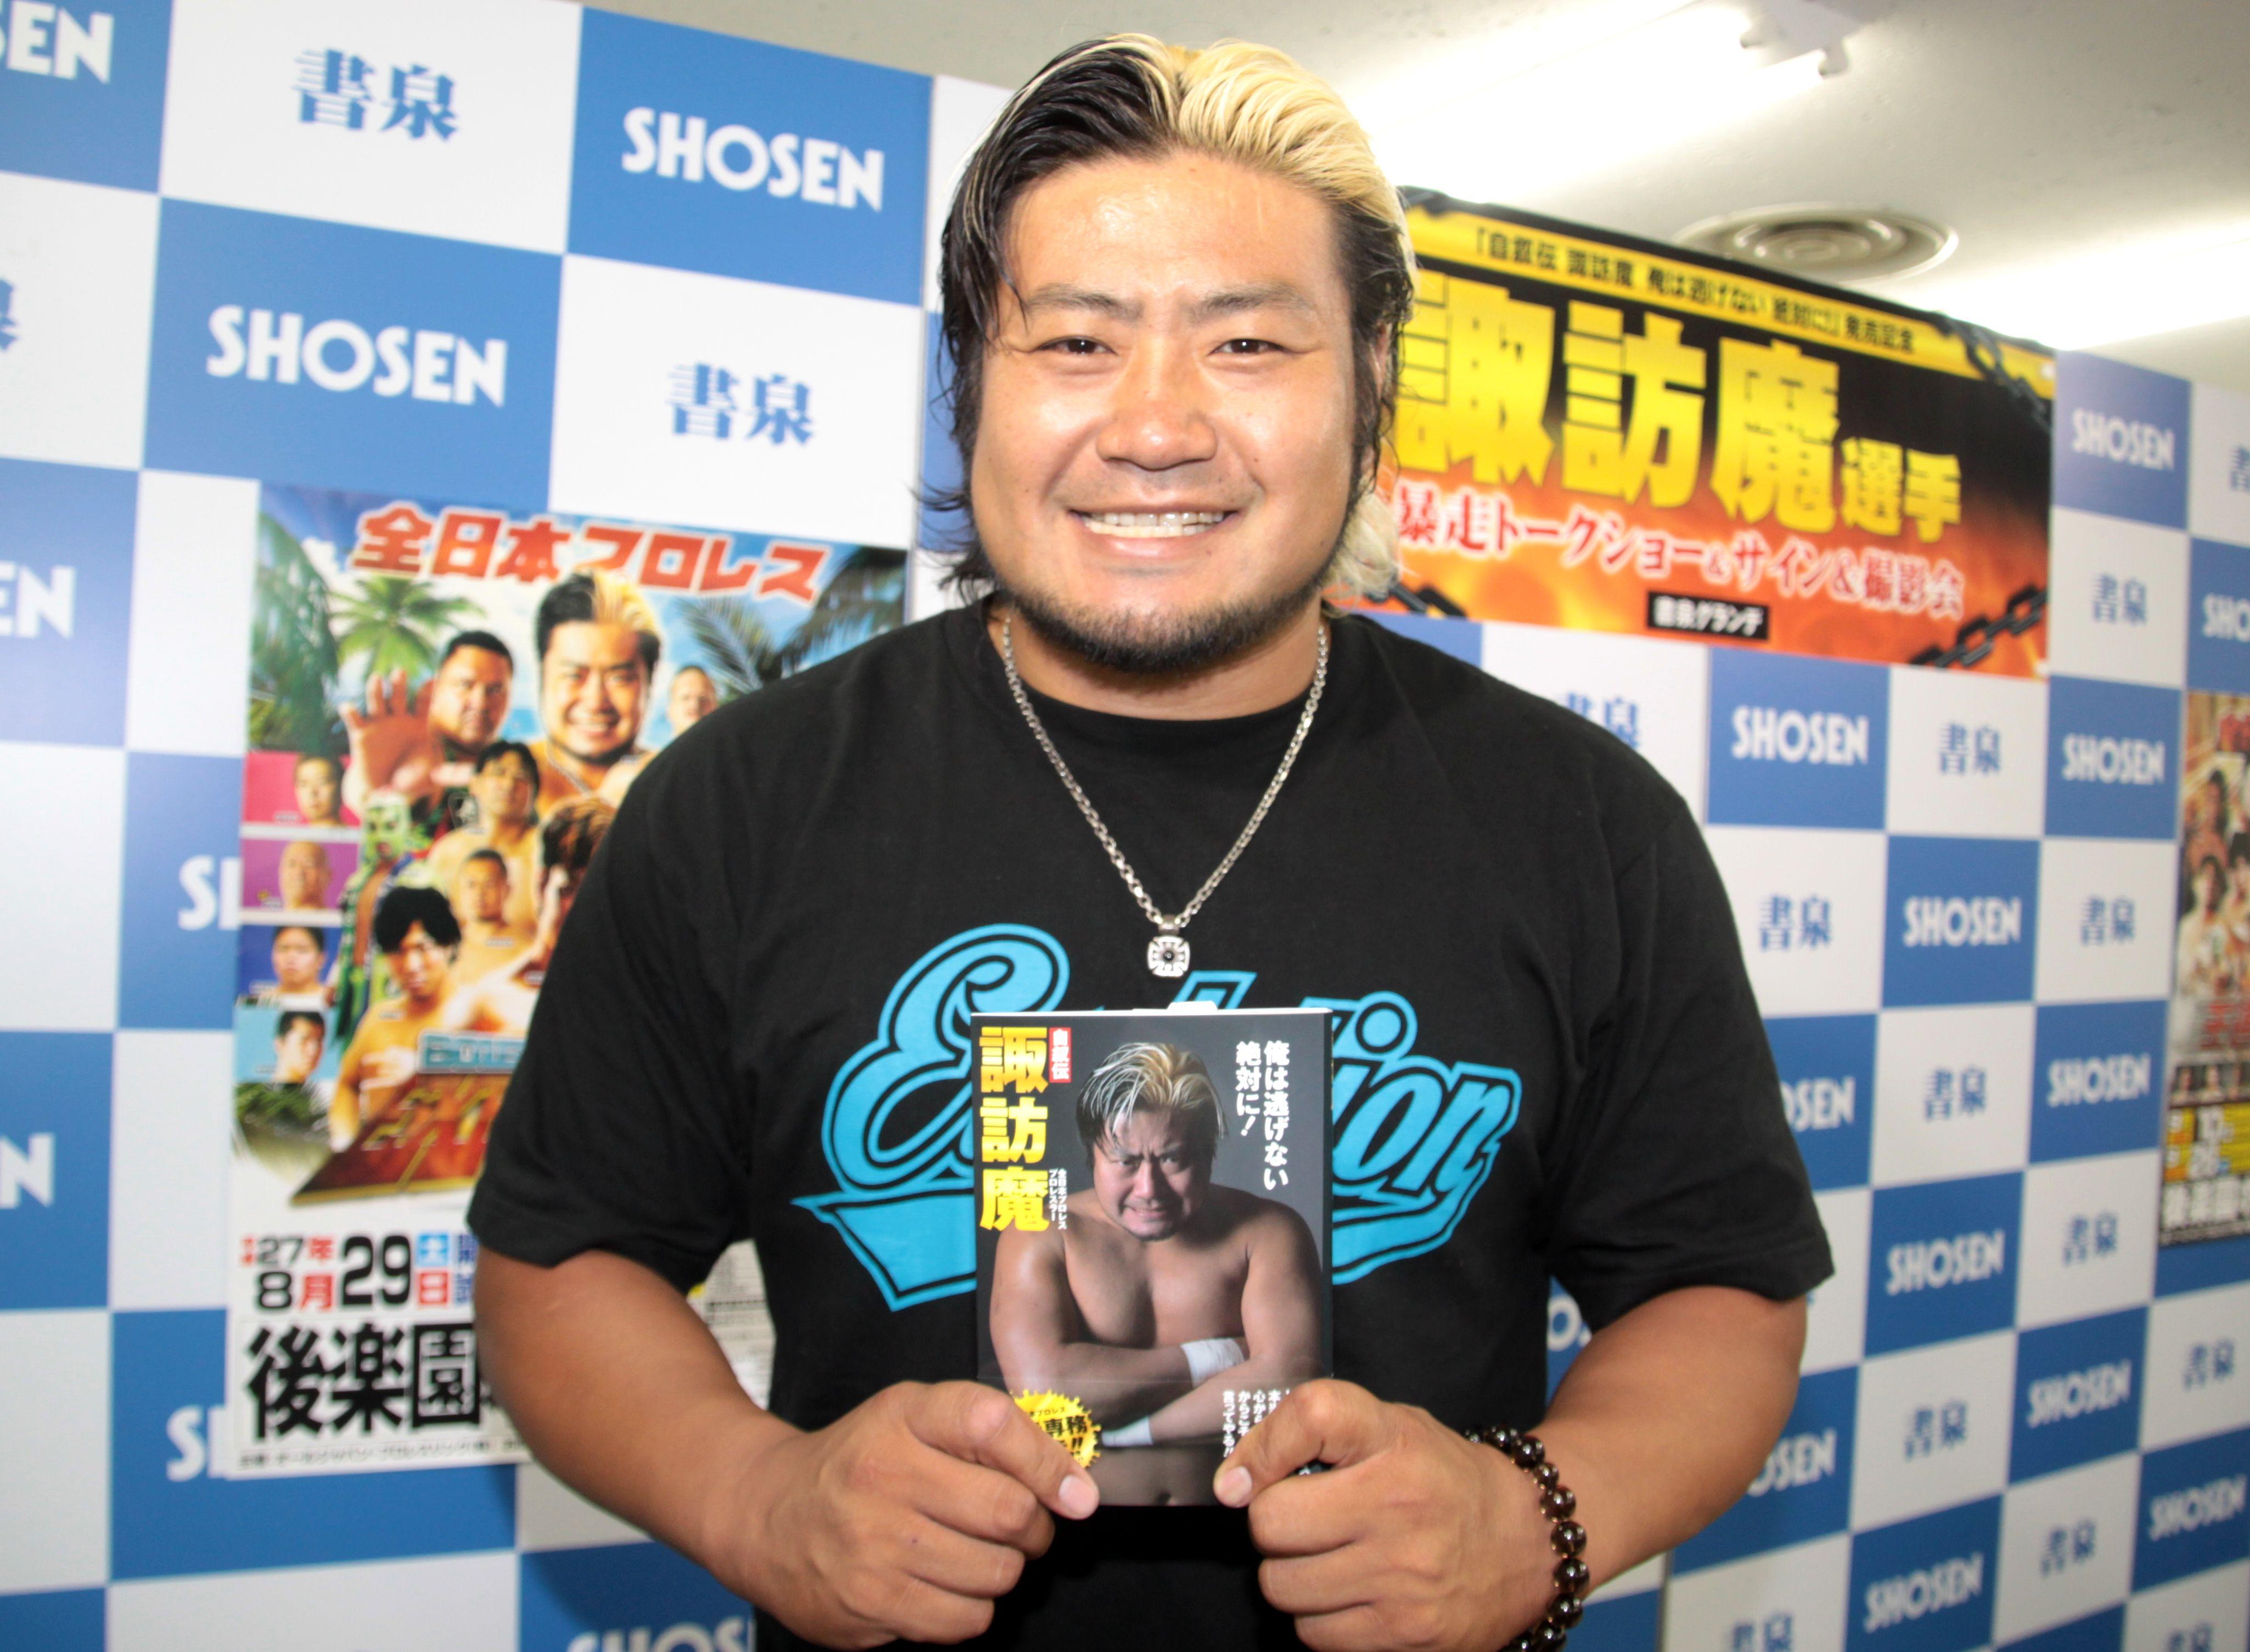 「白石のときなんてもっと大変だったので」と全日本プロレスの現状を語る諏訪魔。9月10日開幕の王道トーナメントに優勝して、再び3冠のベルトを巻くと宣言。